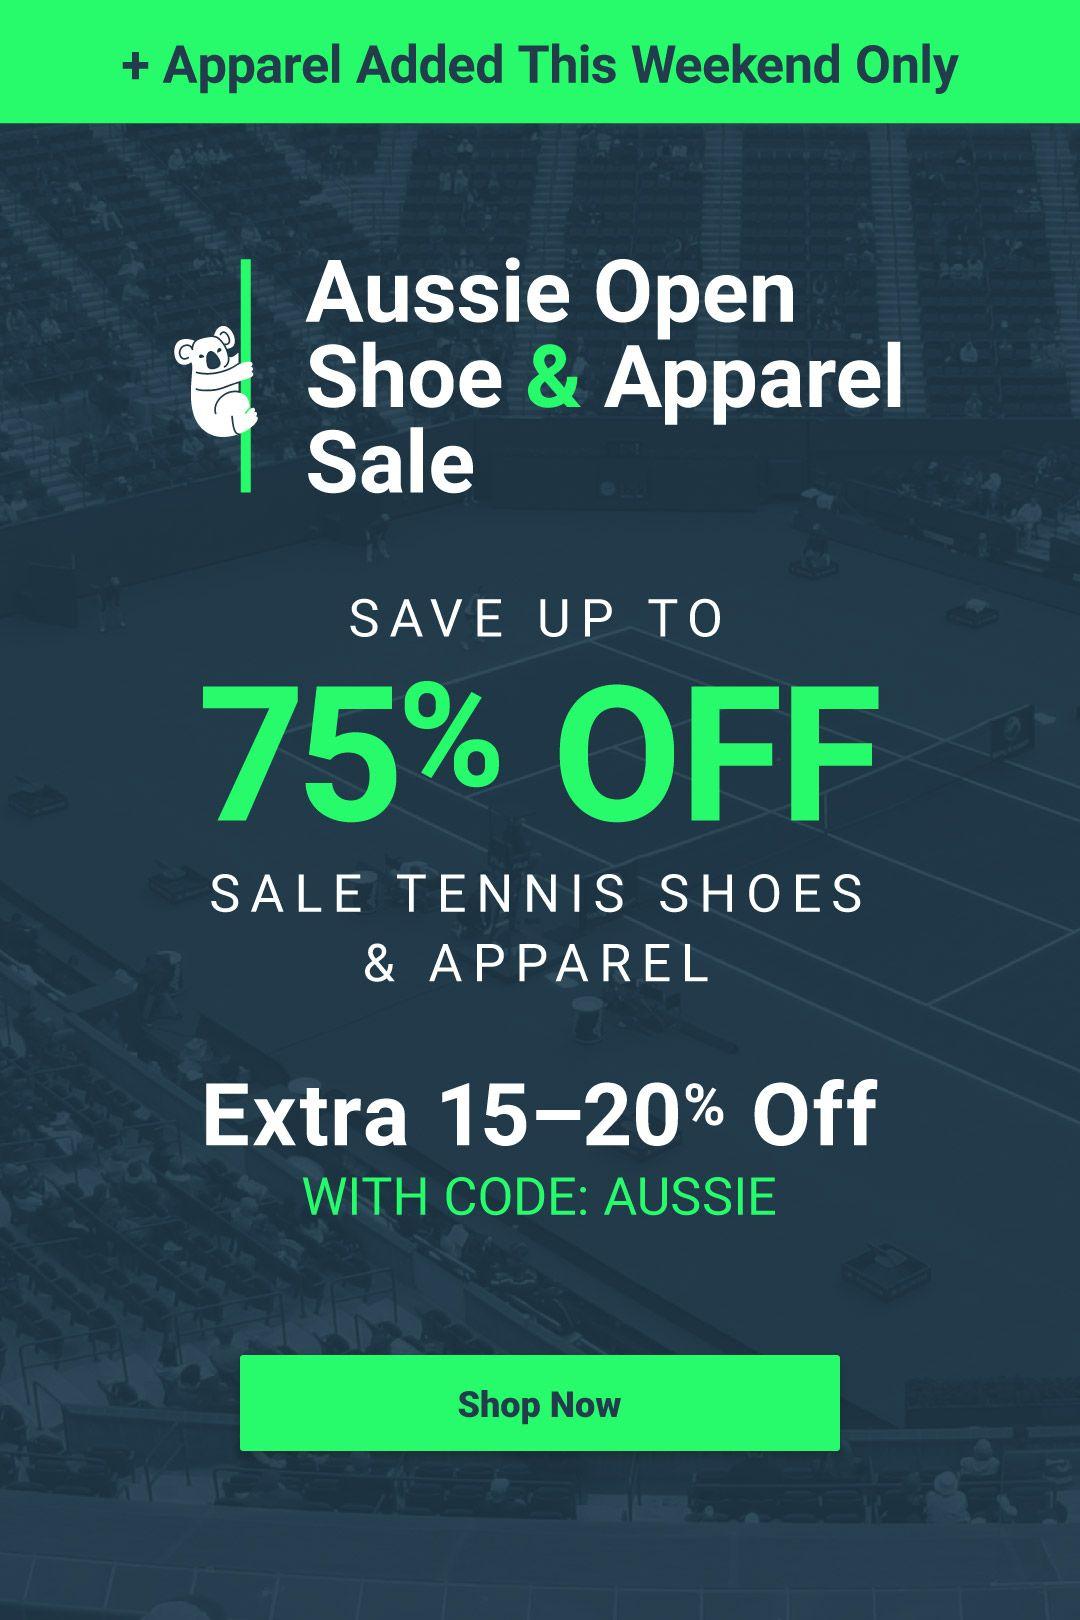 Sale Tennis Shoes & Apparel